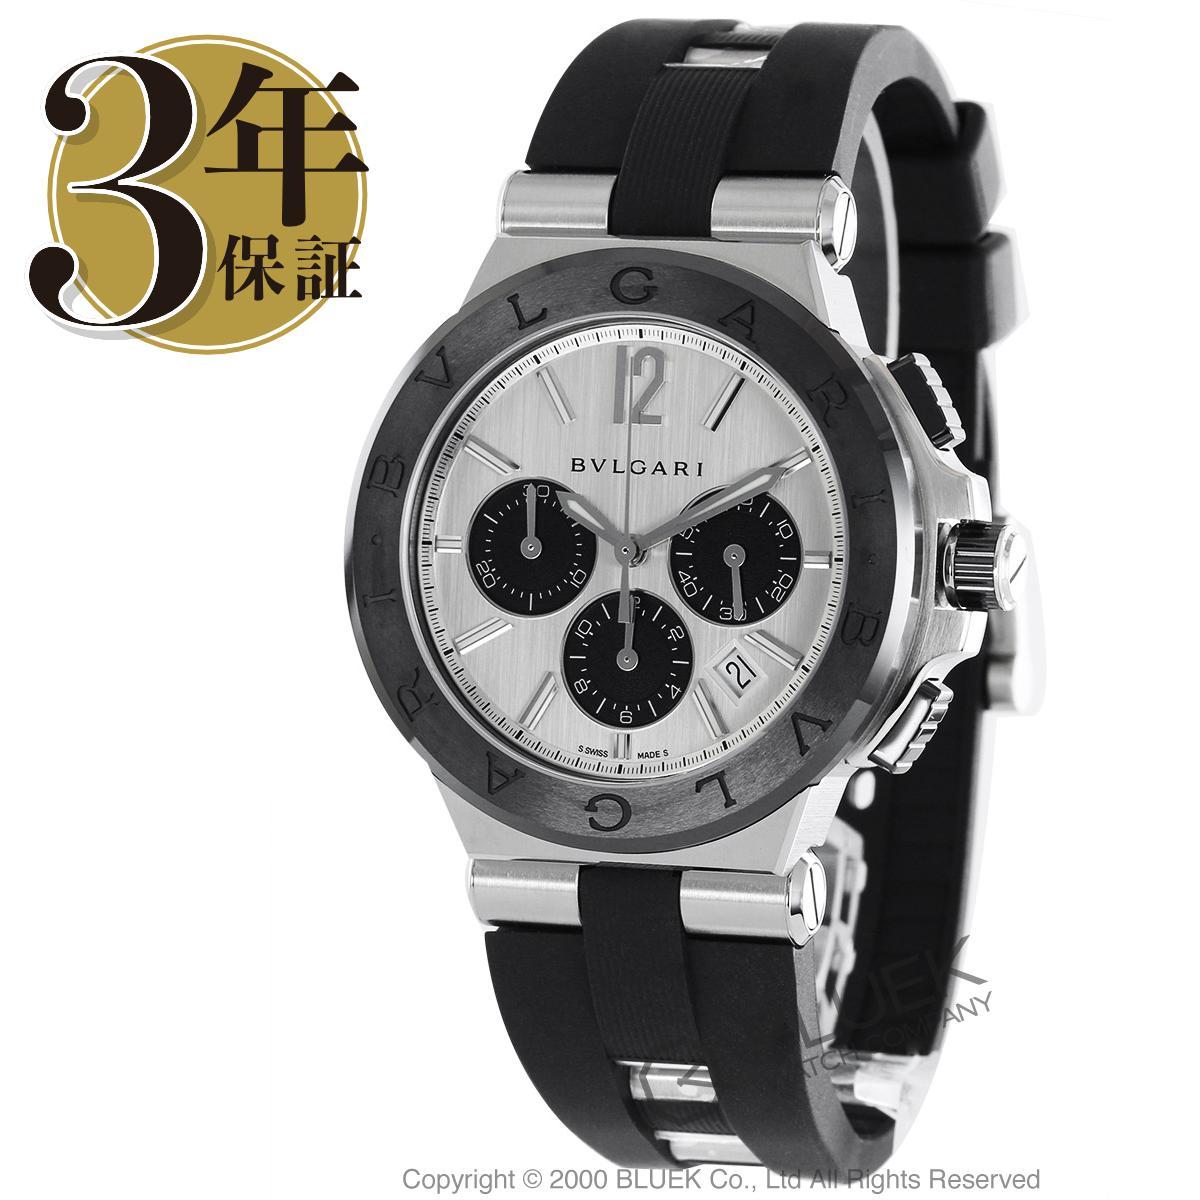 ブルガリ ディアゴノ セラミック クロノグラフ 腕時計 メンズ BVLGARI DG42C6SCVDCH_8 バーゲン ギフト プレゼント